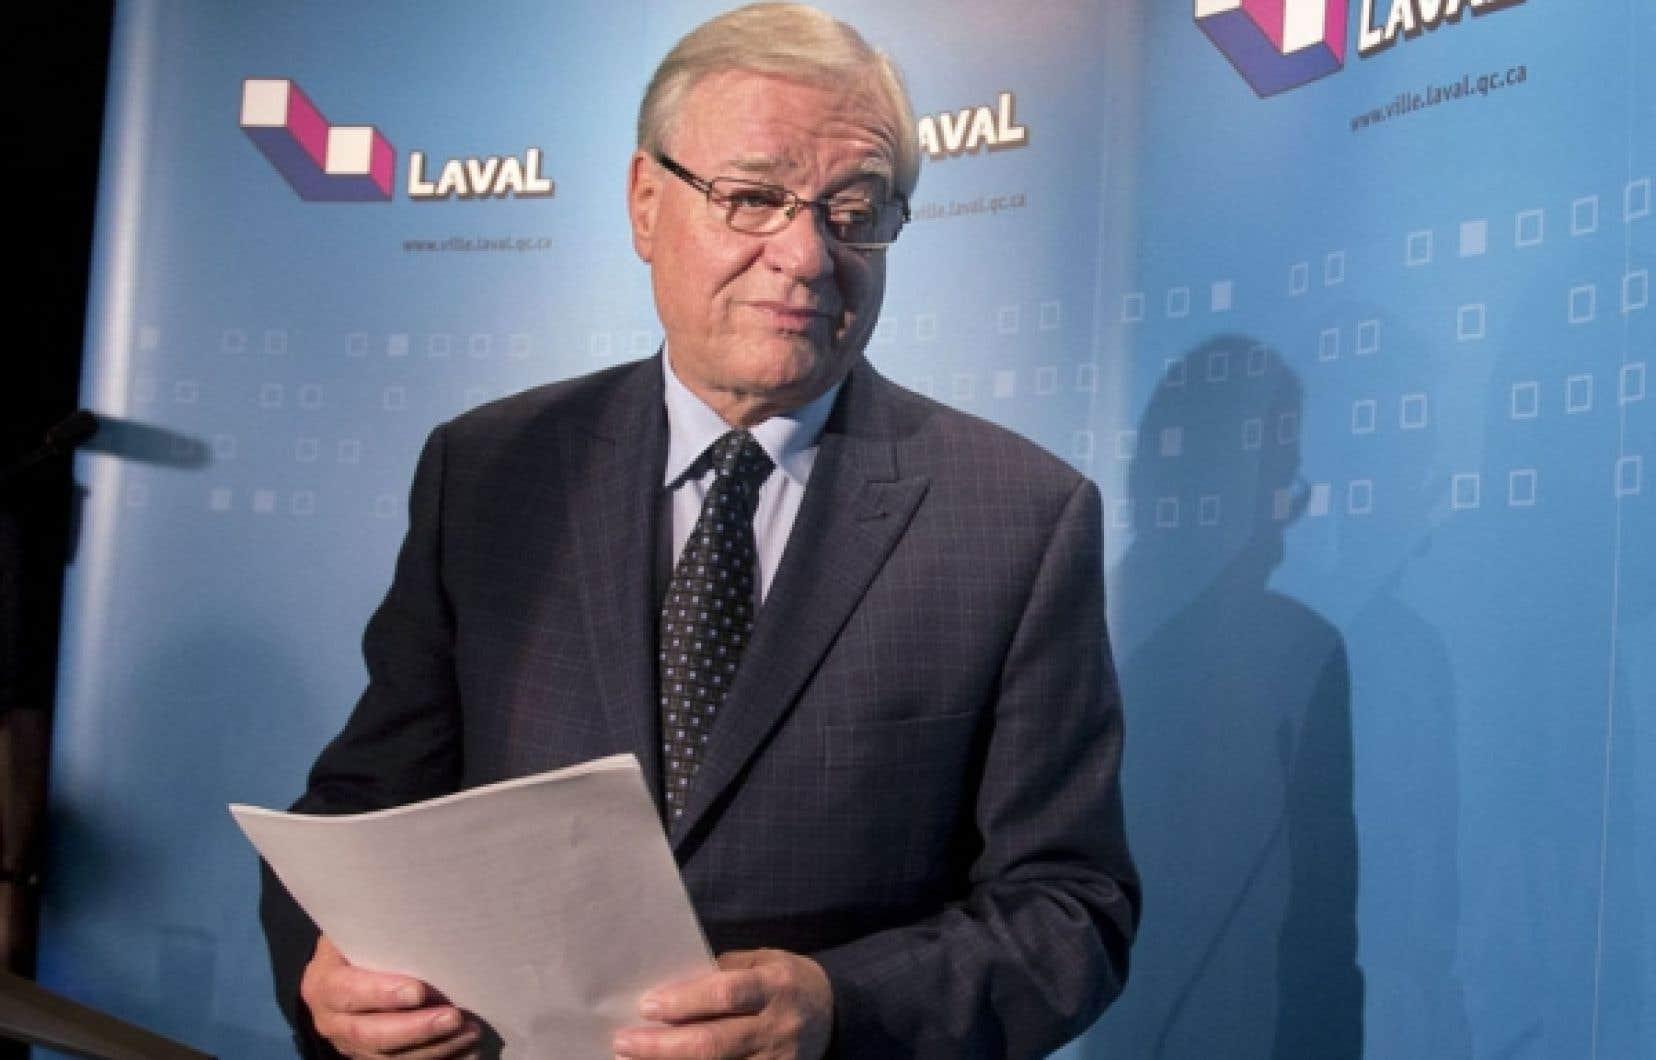 «L'establisment d'affaires» souhaitait un changement de garde et aurait vu en M. Vaillancourt un successeur qui s'annonçait sensible à l'essor économique lavallois.